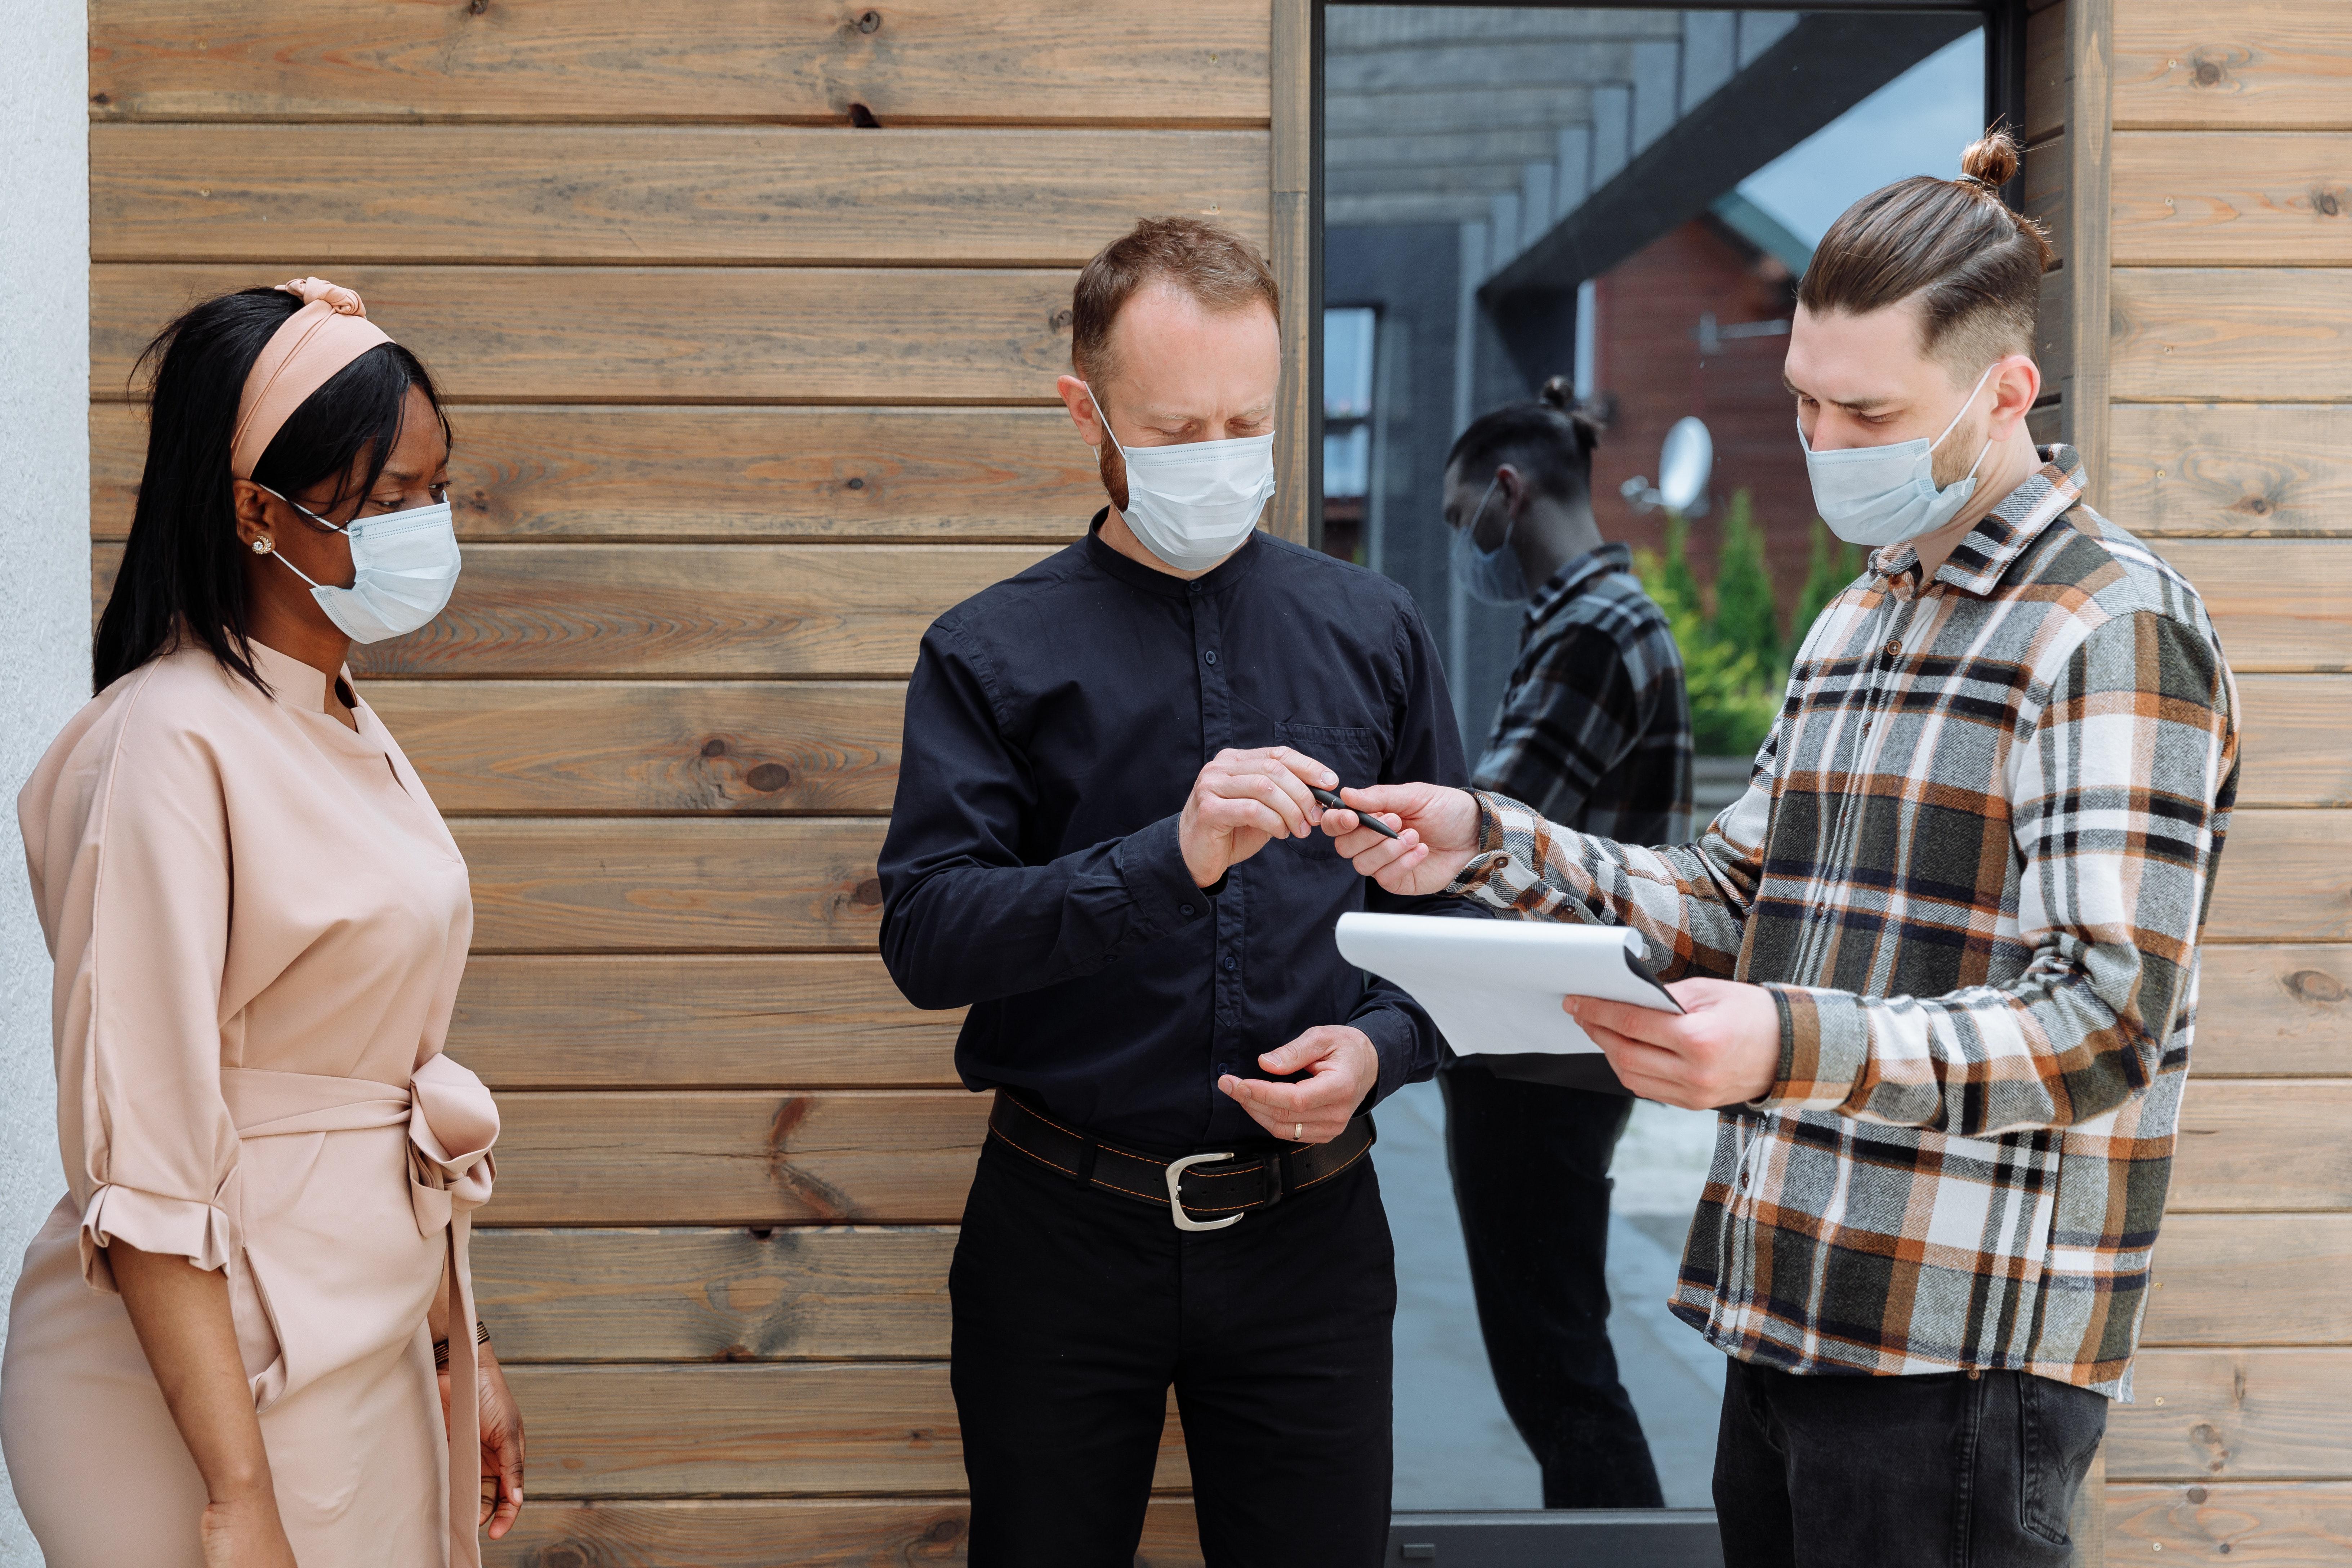 Profissionais imobiliários passaram a ganhar mais 8,2% na pandemia